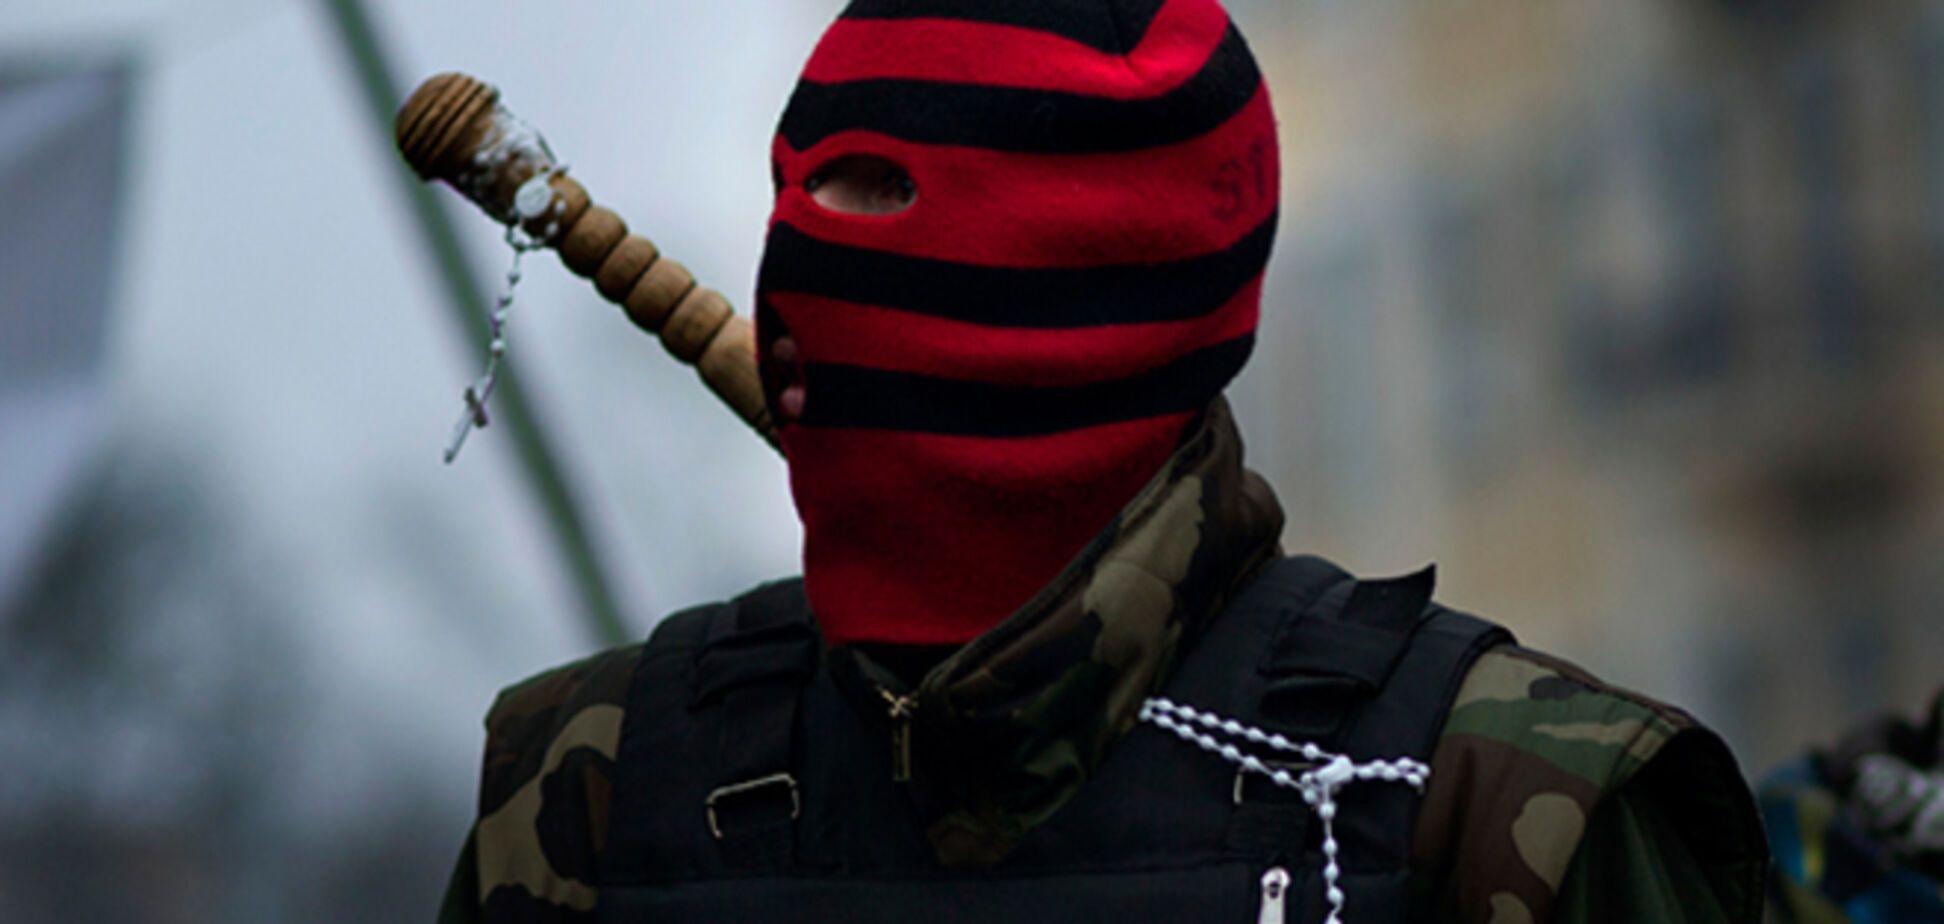 Журналистам РФ уже сообщают о местах возможных провокаций на День Победы в Киеве